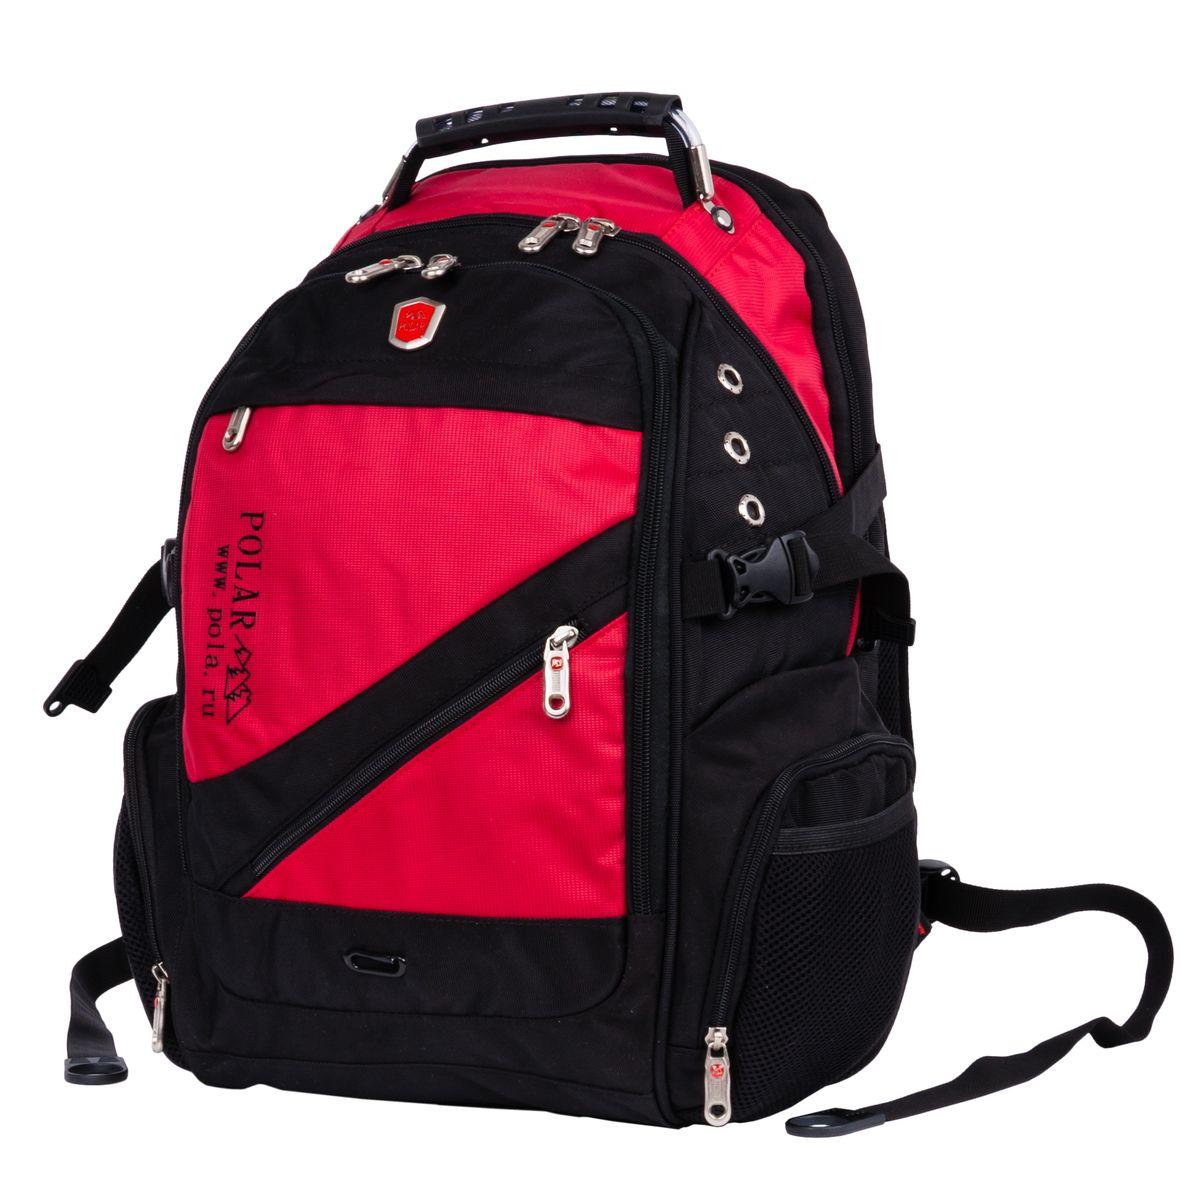 Рюкзак городской Polar, 28,5 л, цвет: красный. 983017983017Рюкзак POLAR для ноутбука. Верхняя ручка с металлическим тросом и держателями.В комплекте идет универсальный переходник- удлинитель для наушников 3,5 мм выход на левой лямке рюкзака. Система циркуляции воздуха AirFlow для комфорта и максимального удобства для спины. Плечевые ремни анатомической формы. Эргономичная и крепкая ручка для переноски. Внутренний карман для безопасного размещения CD или MP3-плеера. Специальное отделение для ноутбука до 15. Петля для солнцезащитных очков. Карман для мобильного телефона на правой лямке рюкзака. Два боковых кармана на молнии и два кармана для бутылки с водой. Карман органайзер для мелких предметов. Съёмный карабин для ключей. Фронтальный карман на молнии.